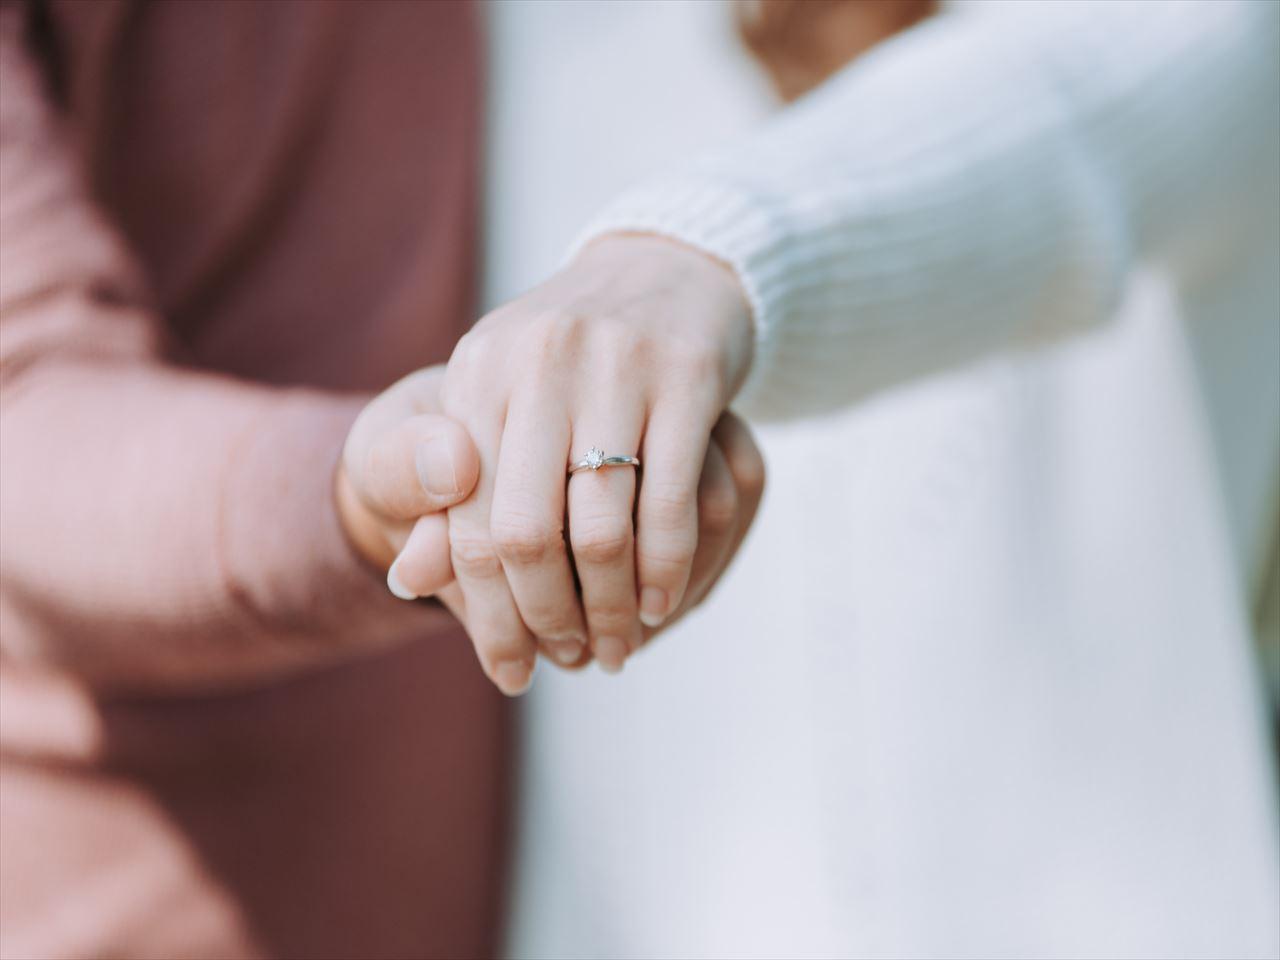 一ノ瀬みら結婚占い師口コミ体験談経験